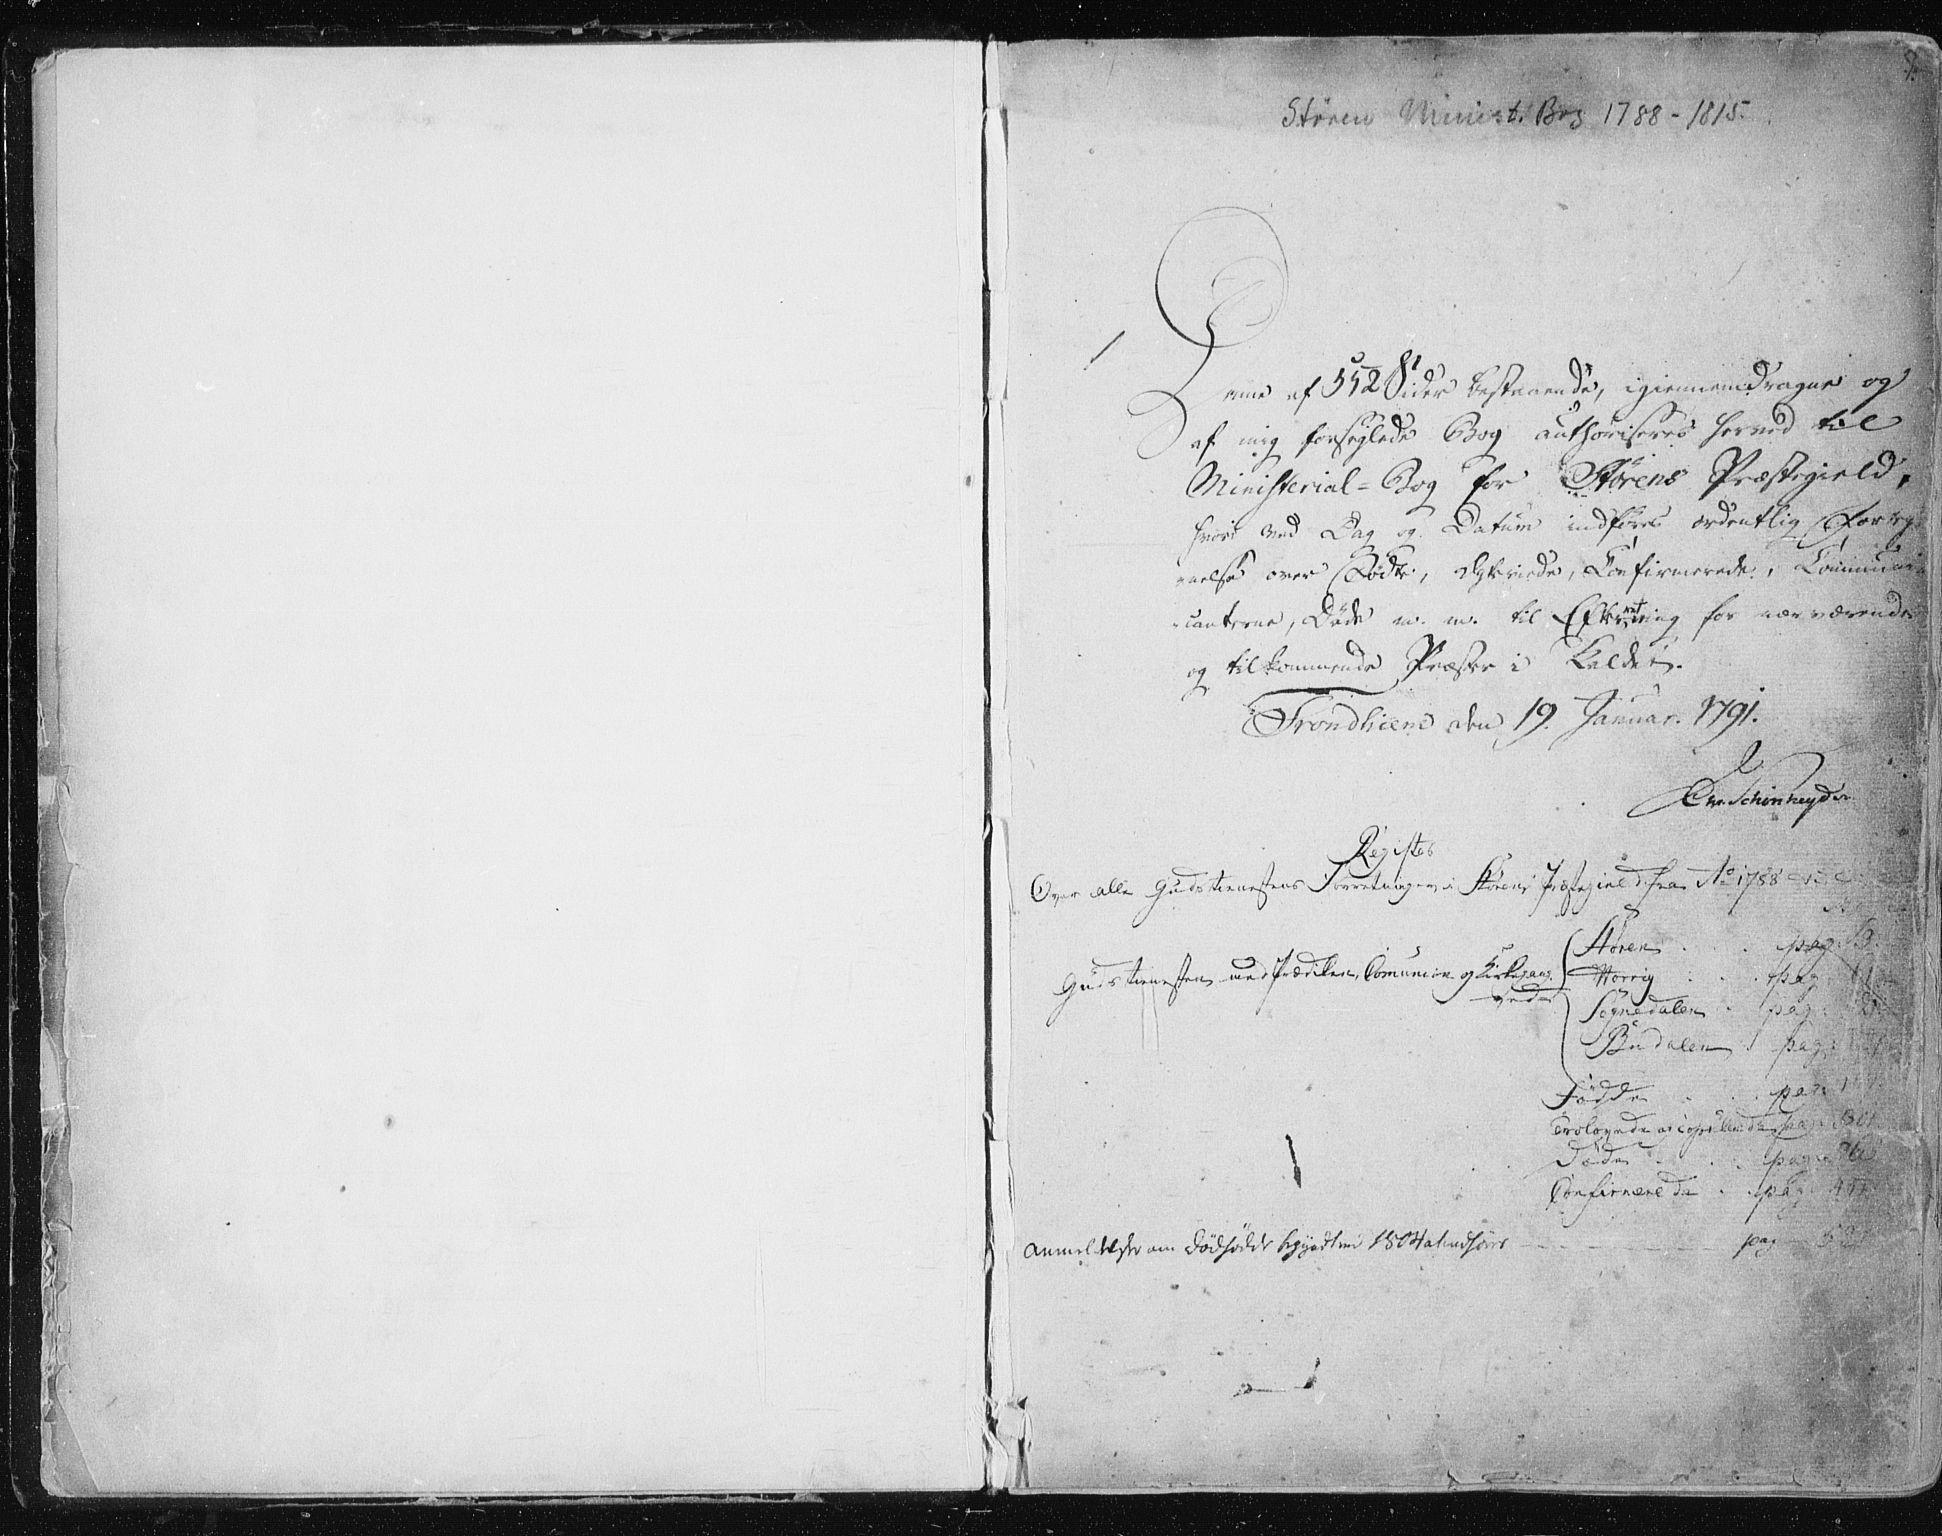 SAT, Ministerialprotokoller, klokkerbøker og fødselsregistre - Sør-Trøndelag, 687/L0993: Ministerialbok nr. 687A03 /2, 1788-1815, s. 1